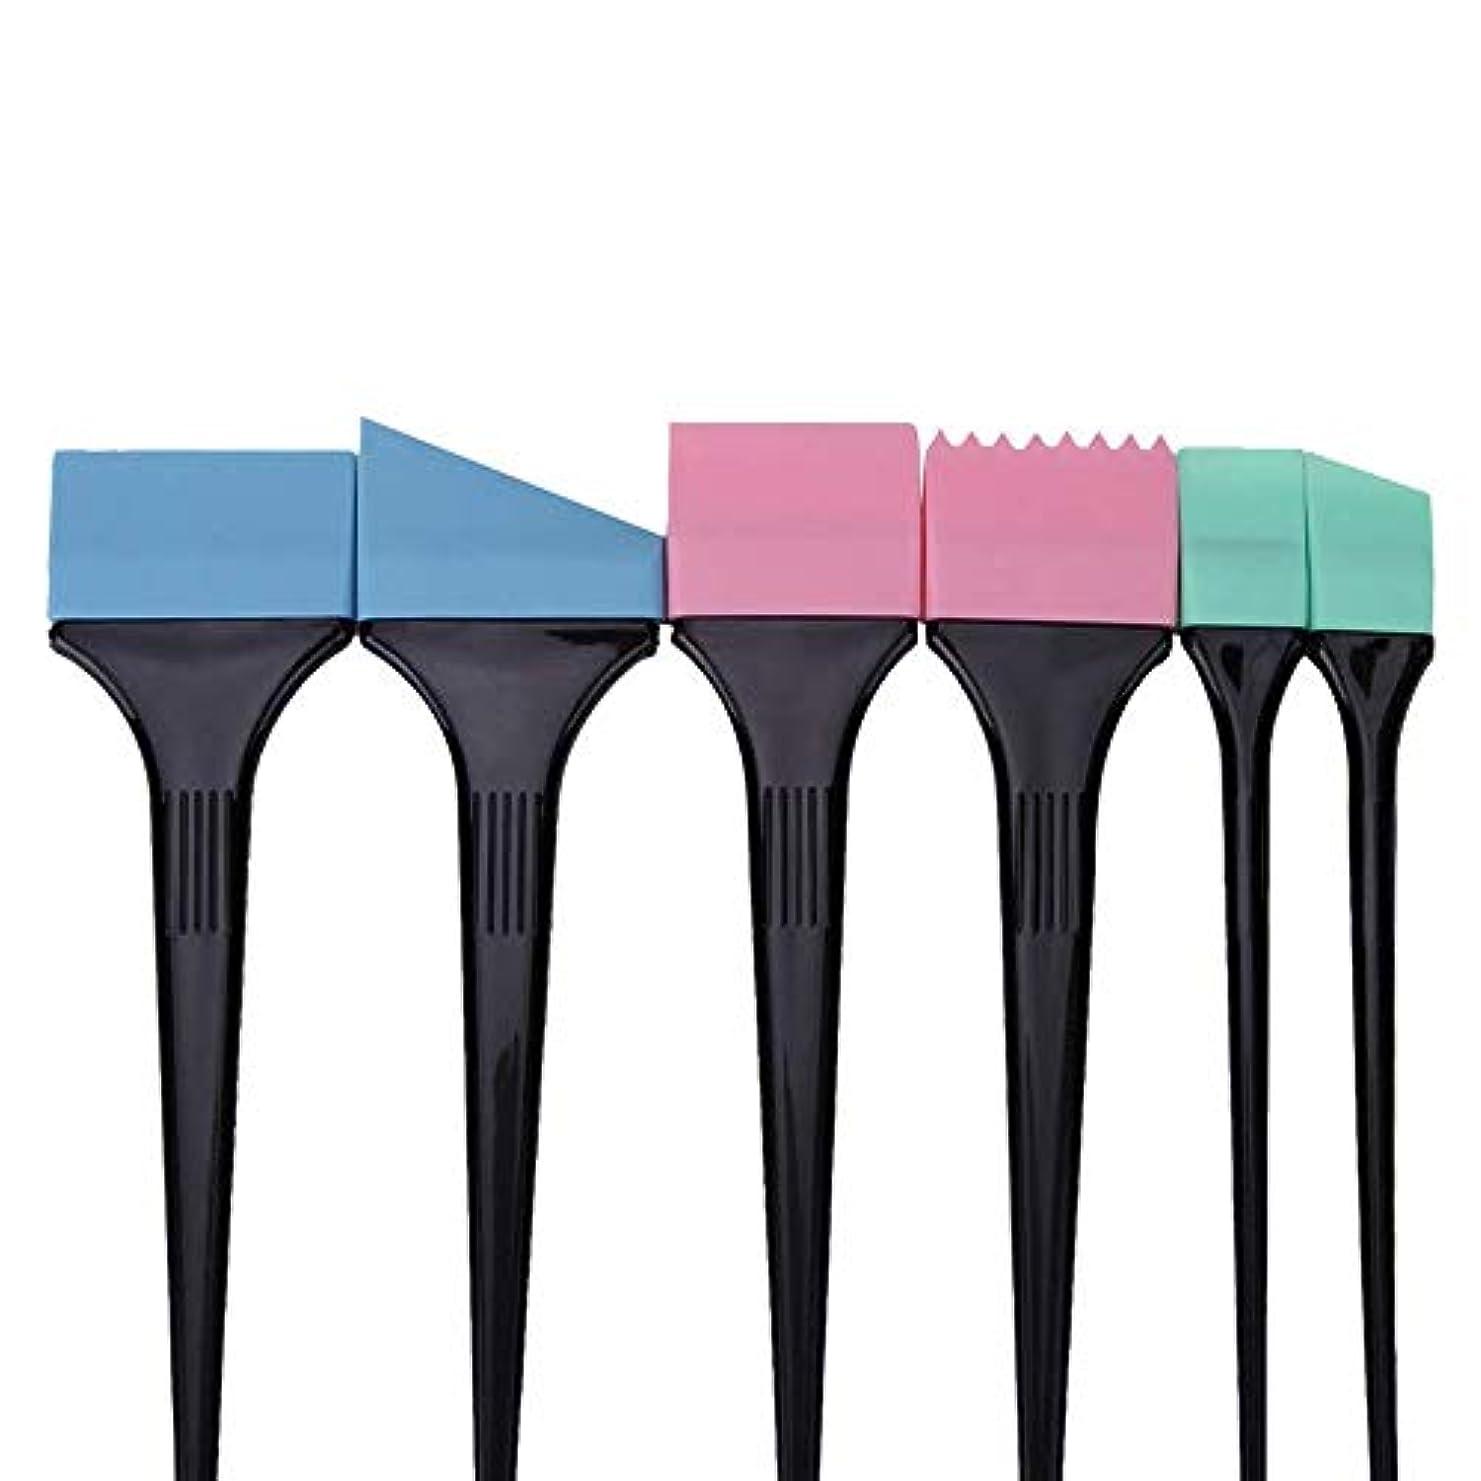 評価導入する国6個/セット髪染めブラシセット用サロン髪着色くし髪染めツールセットヘアダイブラシ